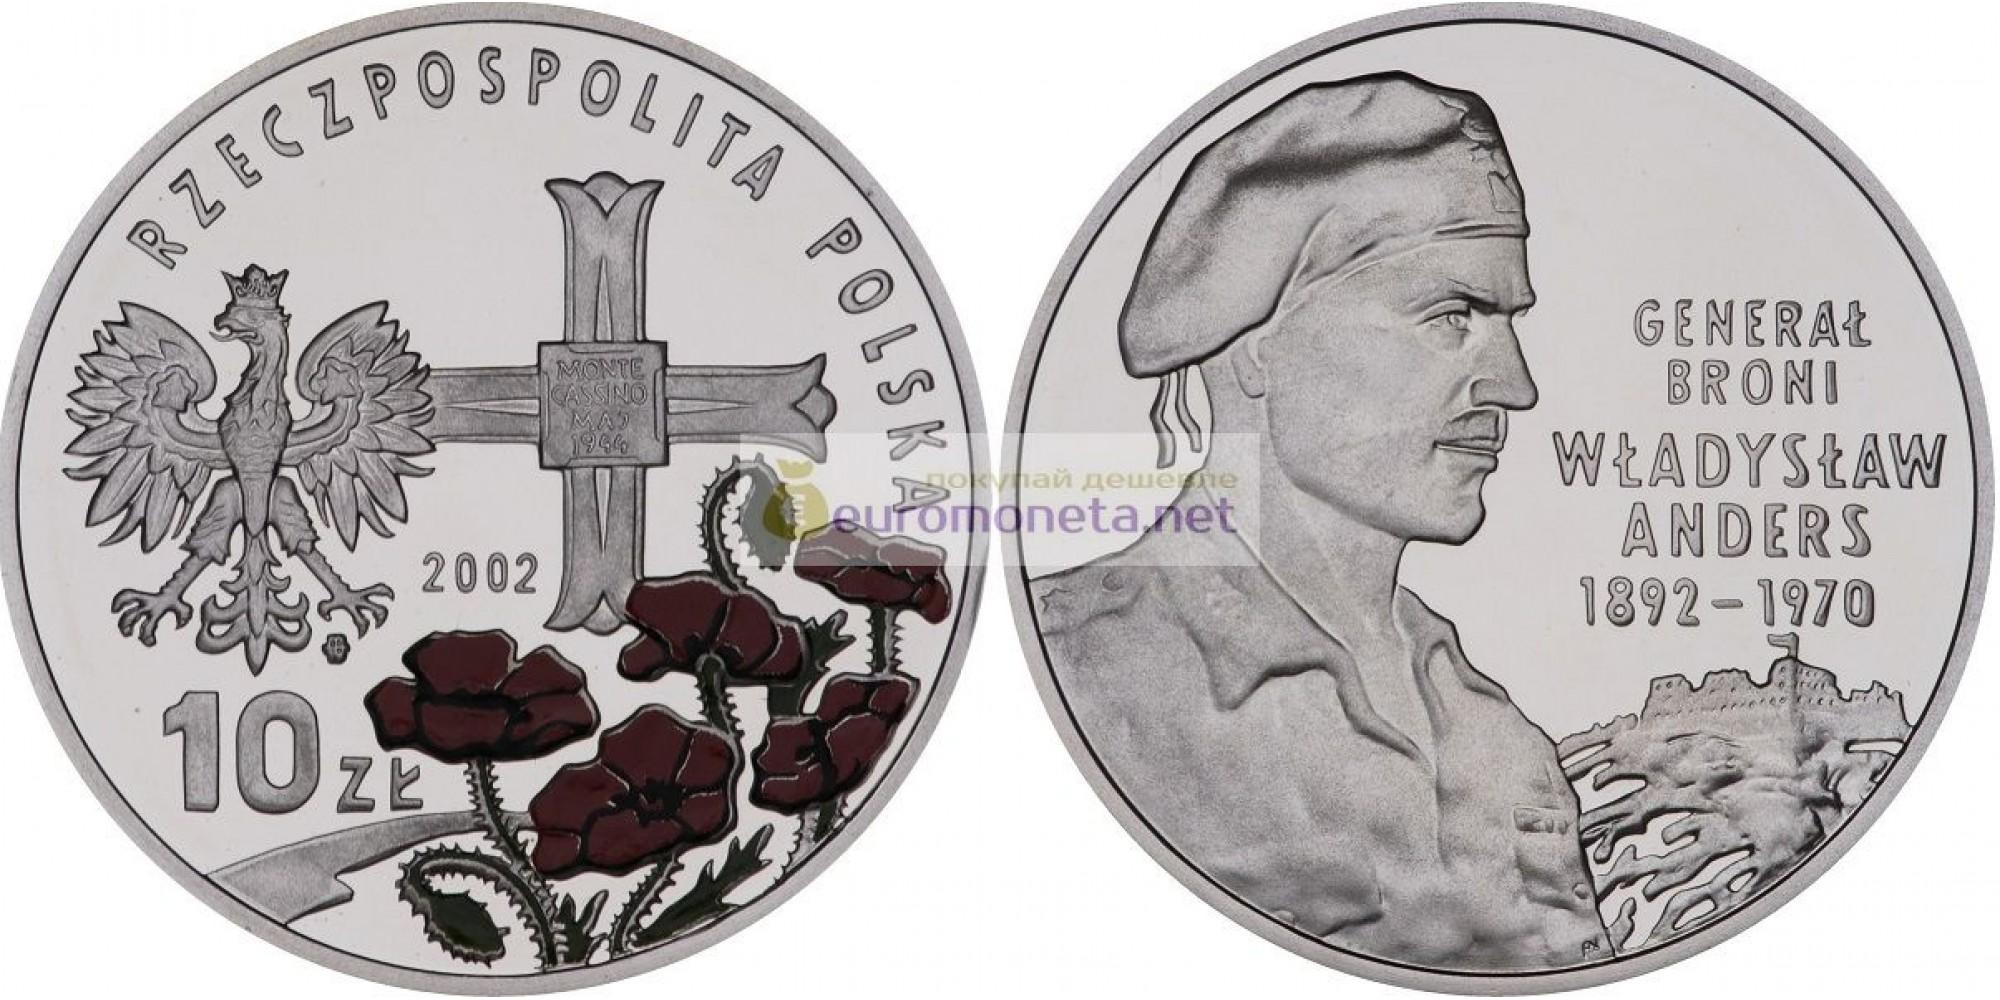 Польша 10 злотых 2002 год Генерал-лейтенант Владислав Андерс 110 лет со дня рождения серебро пруф